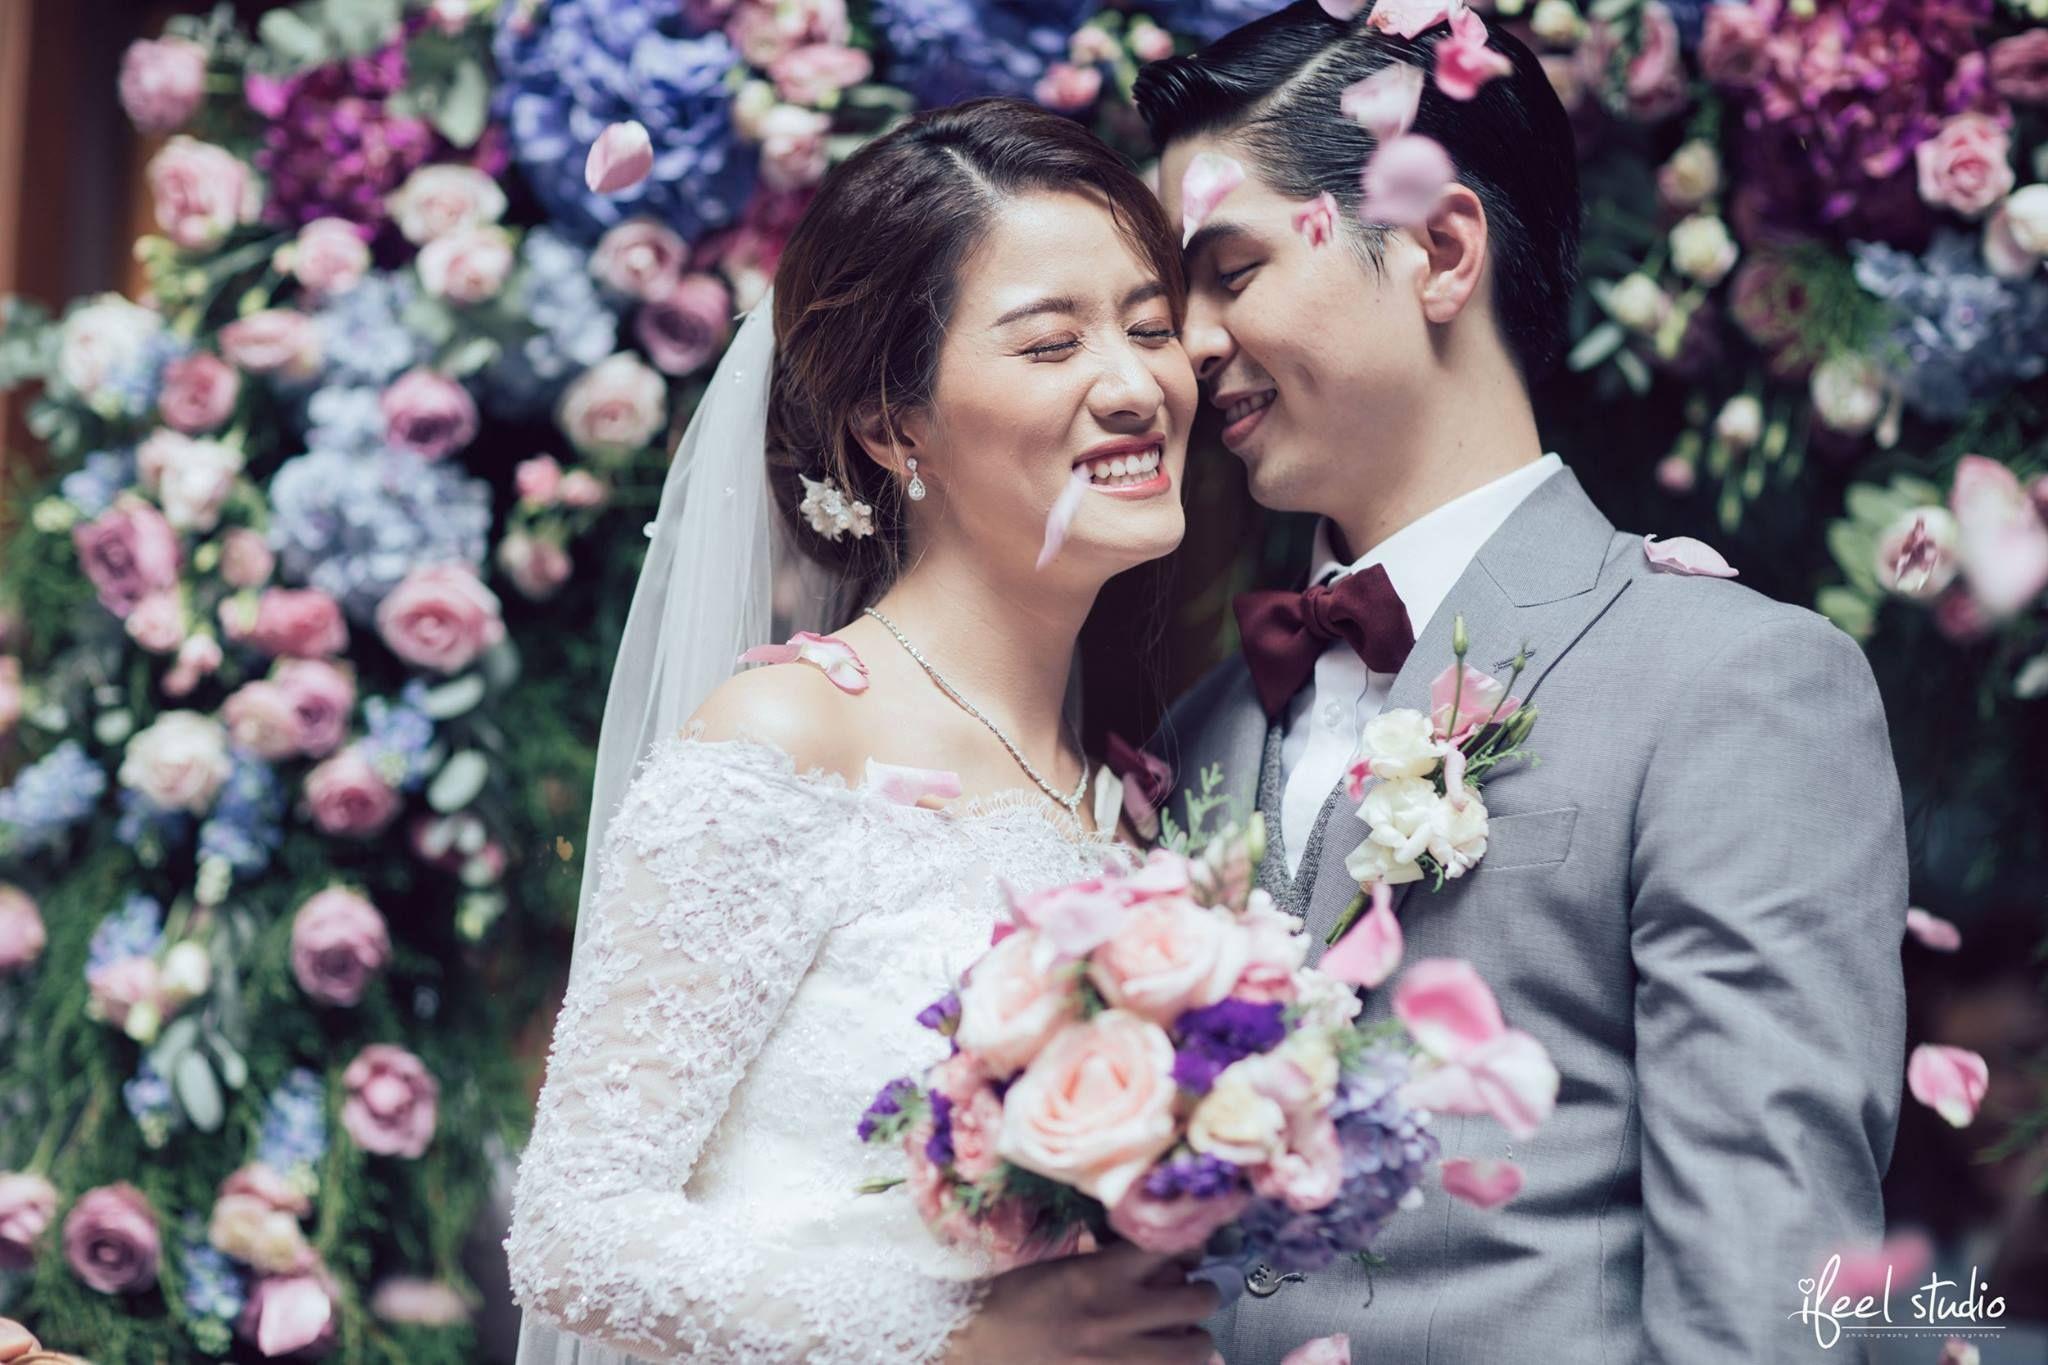 Wedding chiang mai thailand tiwawedding wedding weddingthailand